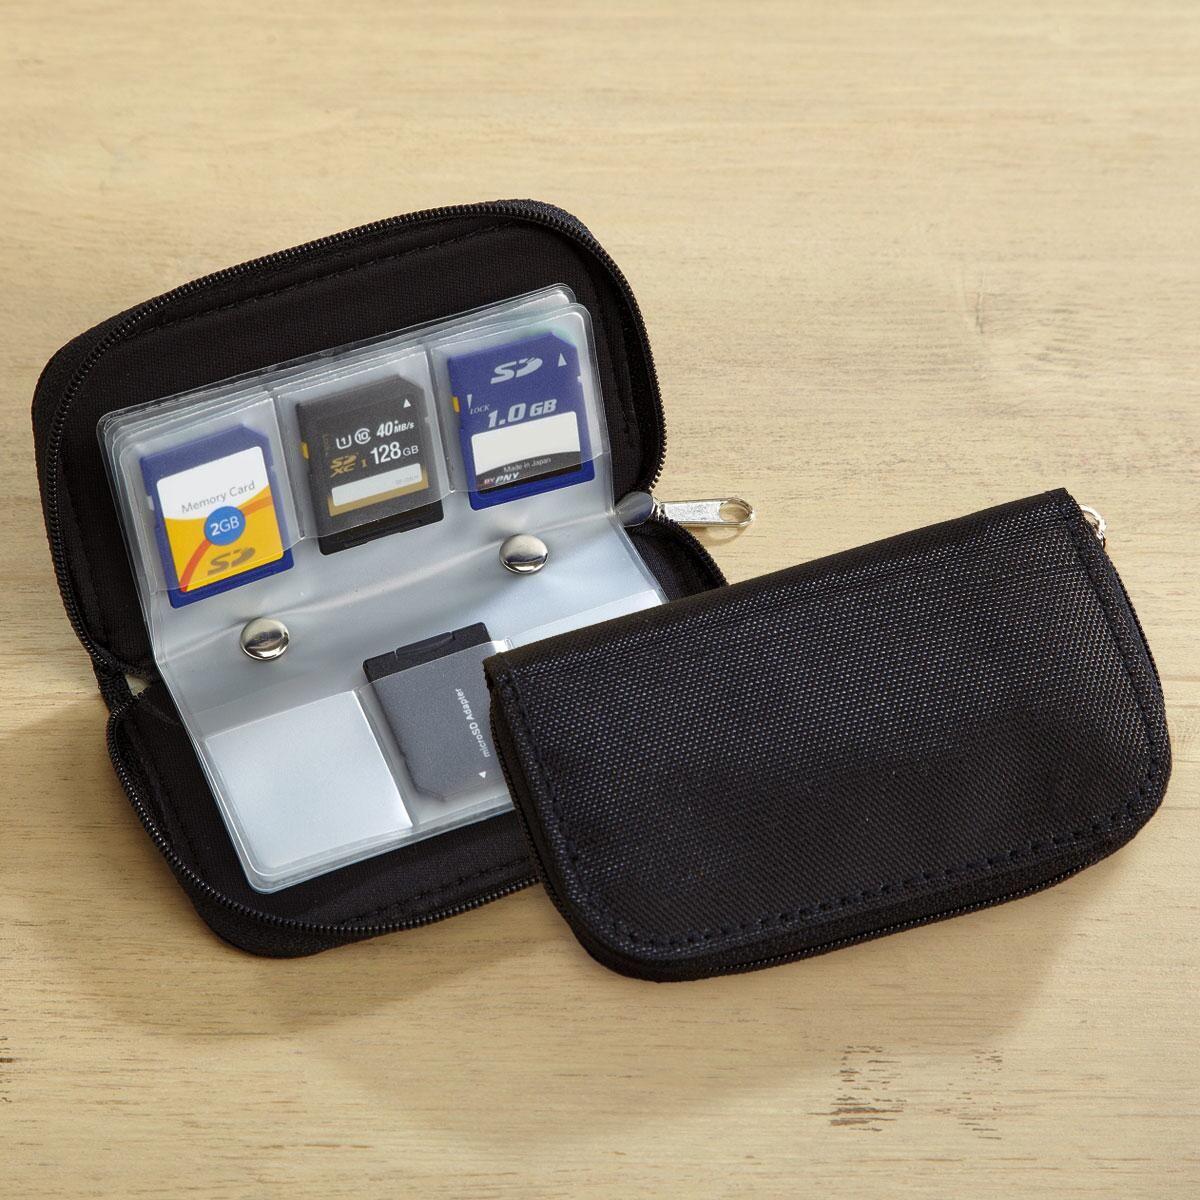 SD Card Storage Case